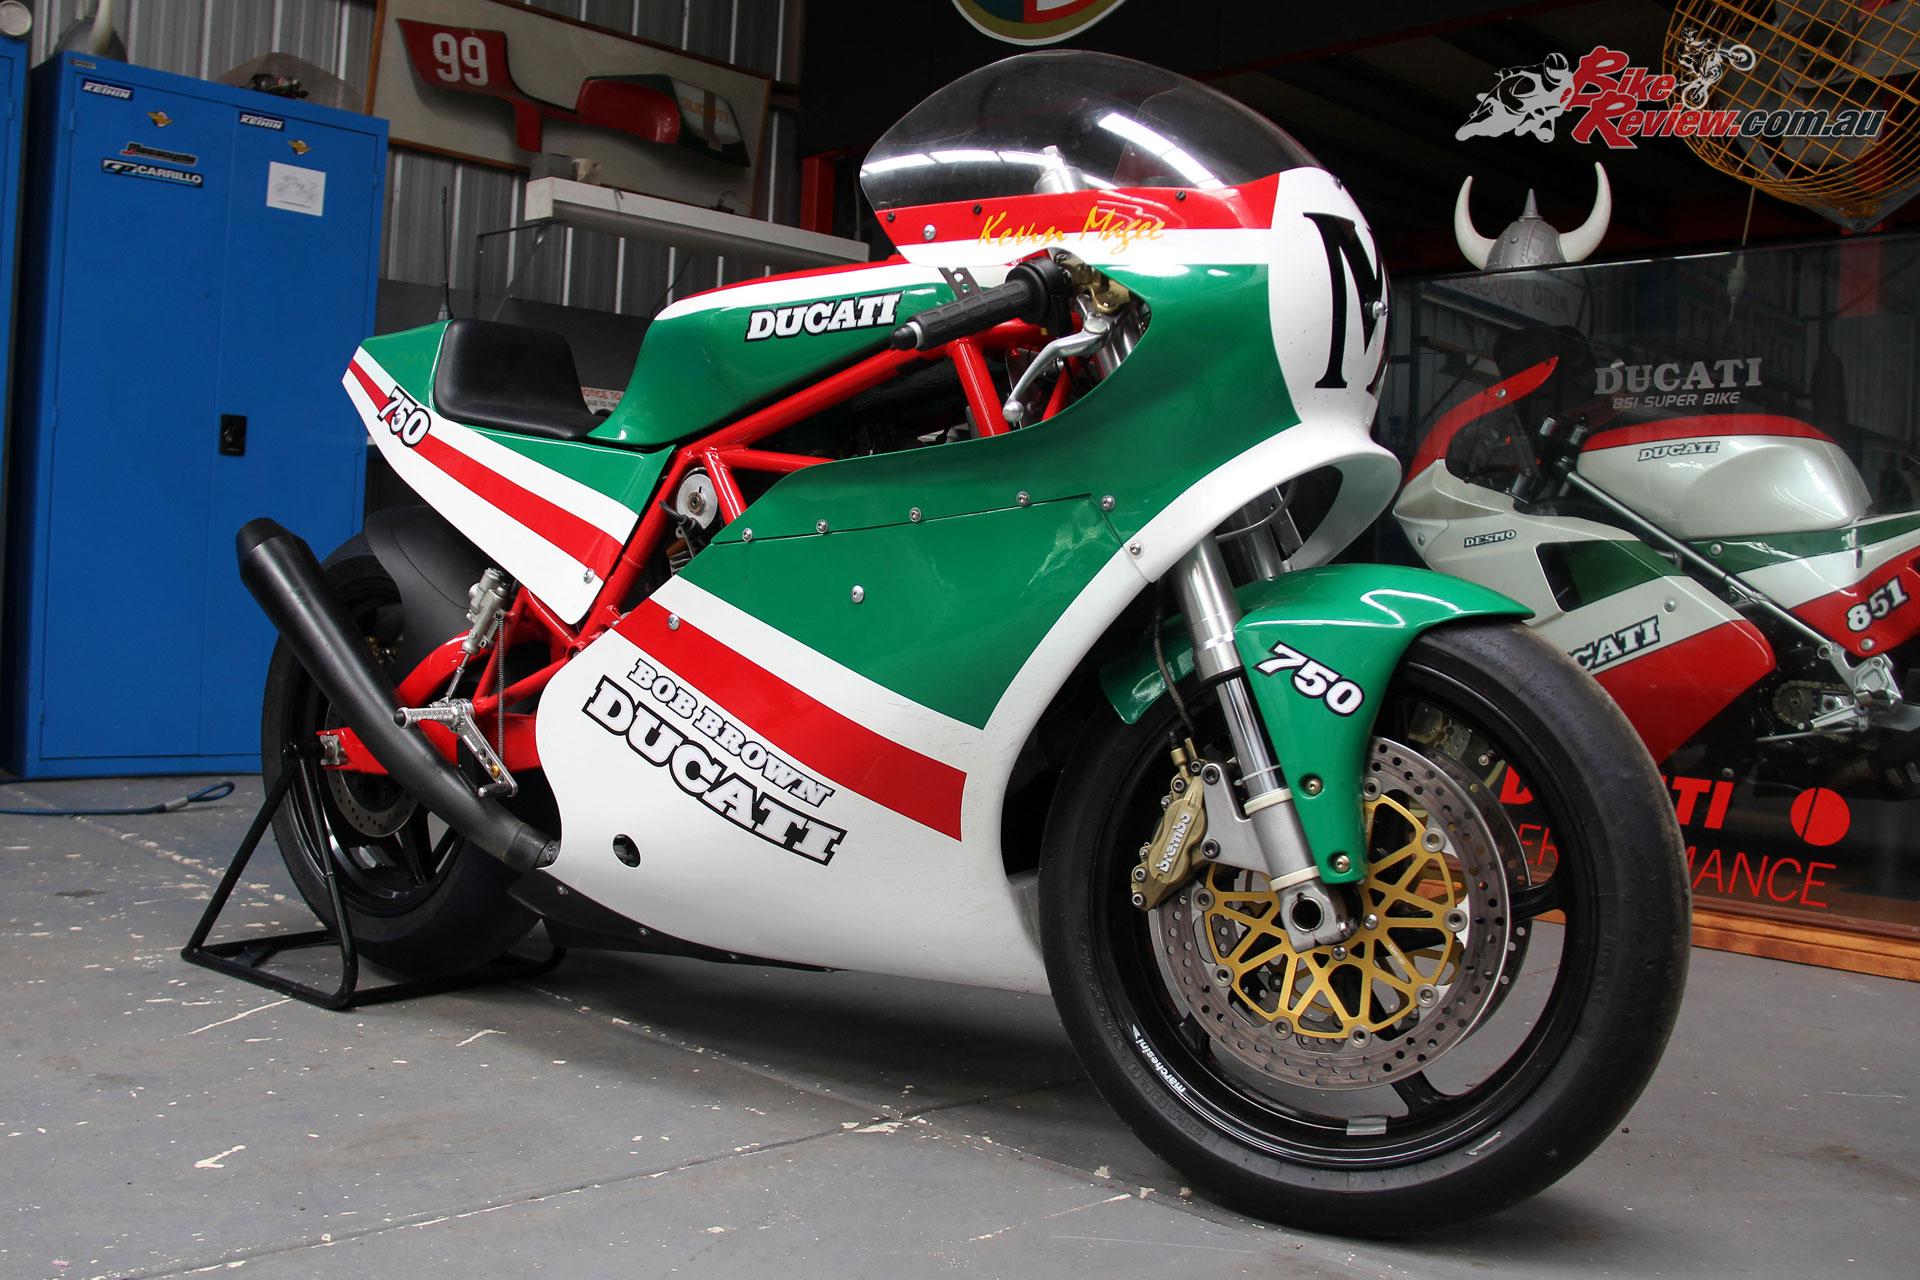 Ducati Deux soupapes - Page 14 22319a10